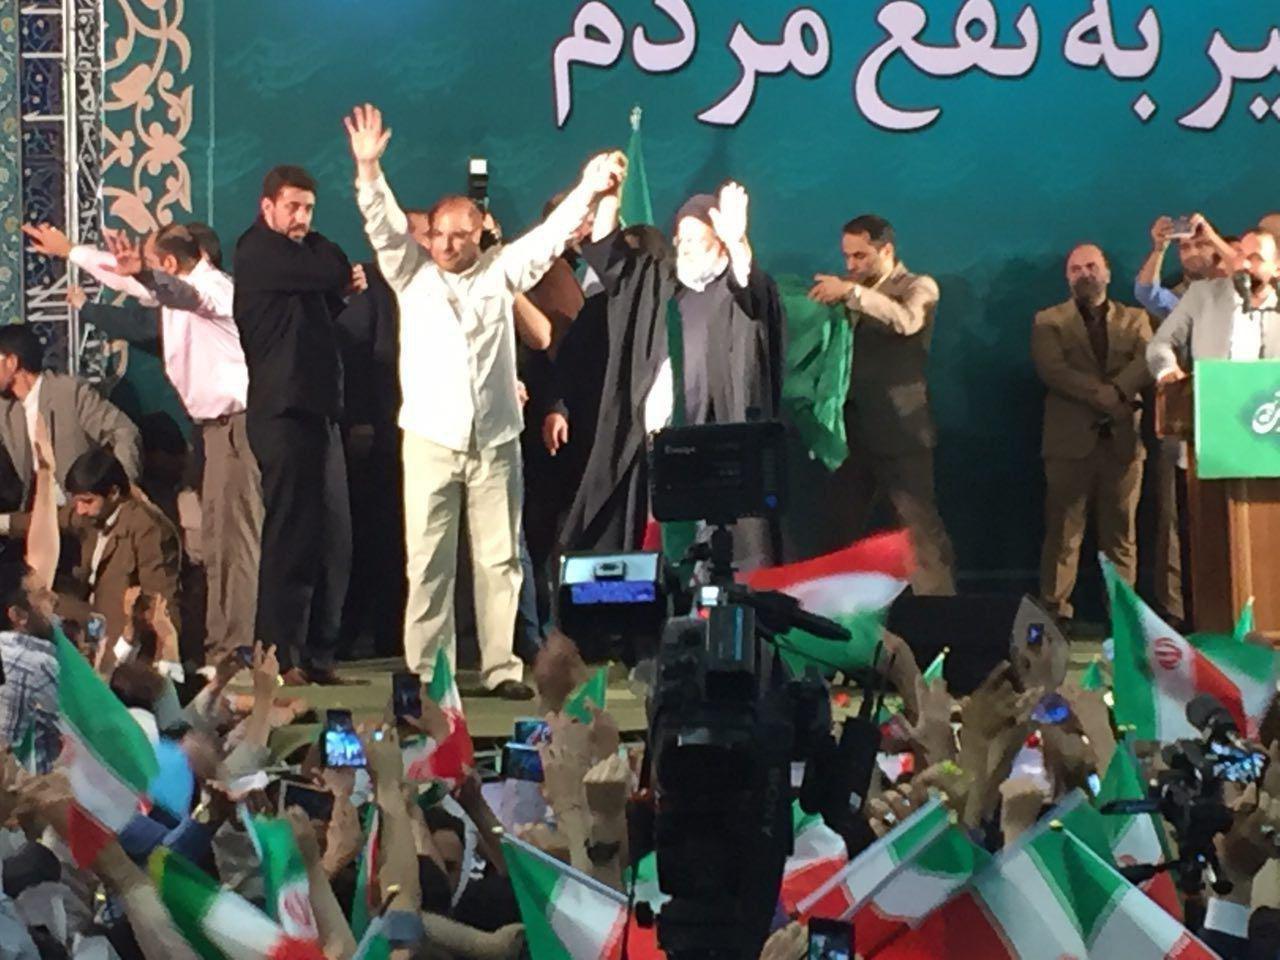 سید ابراهیم رئیسی در مصلی تهران: شما که پول نداشتید از کجا شب انتخابات خرج میکنید؟/آقای روحانی! شما نمیتوانید